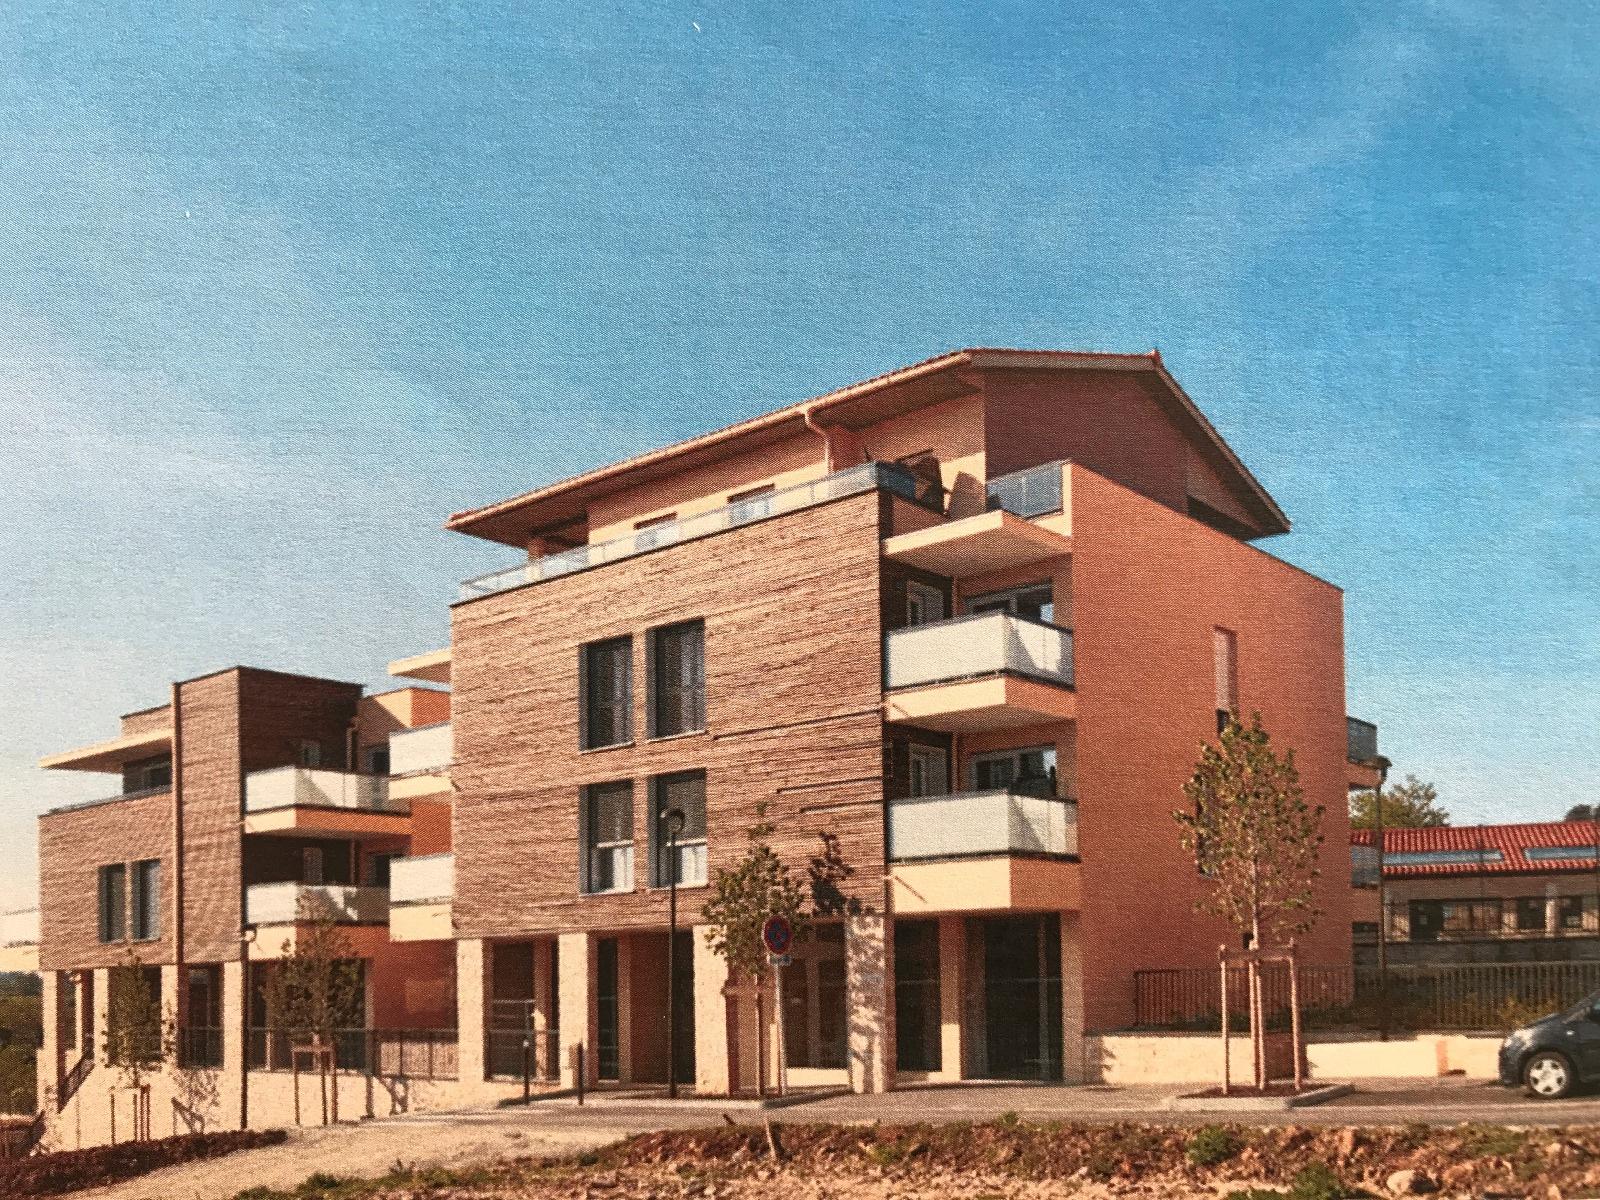 Vente Immobilier Professionnel Local commercial Saint-Didier-au-Mont-d'Or (69370)